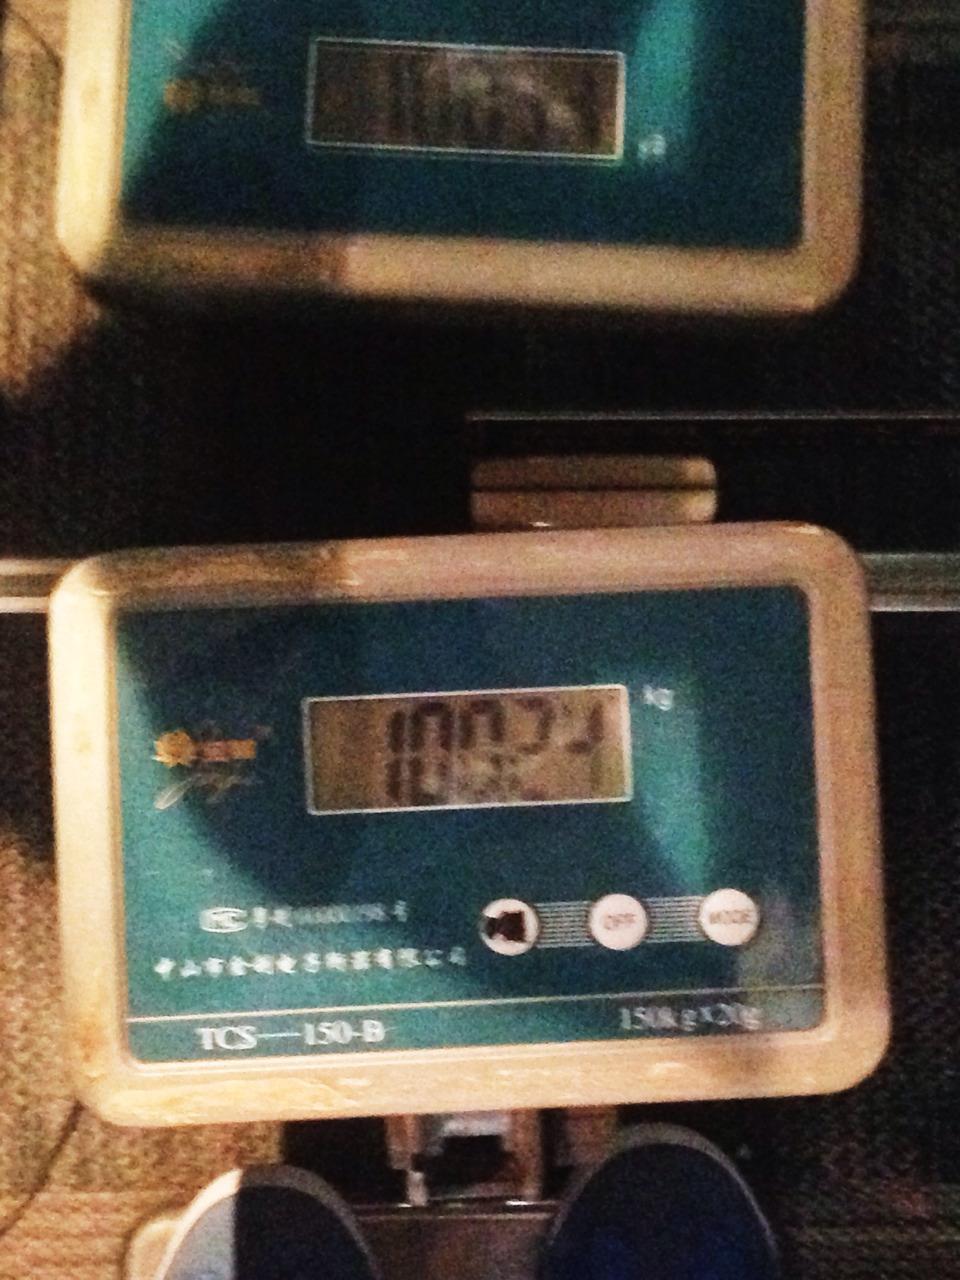 100 kilos, I finally made it. Working towards 105 will be the hard part.